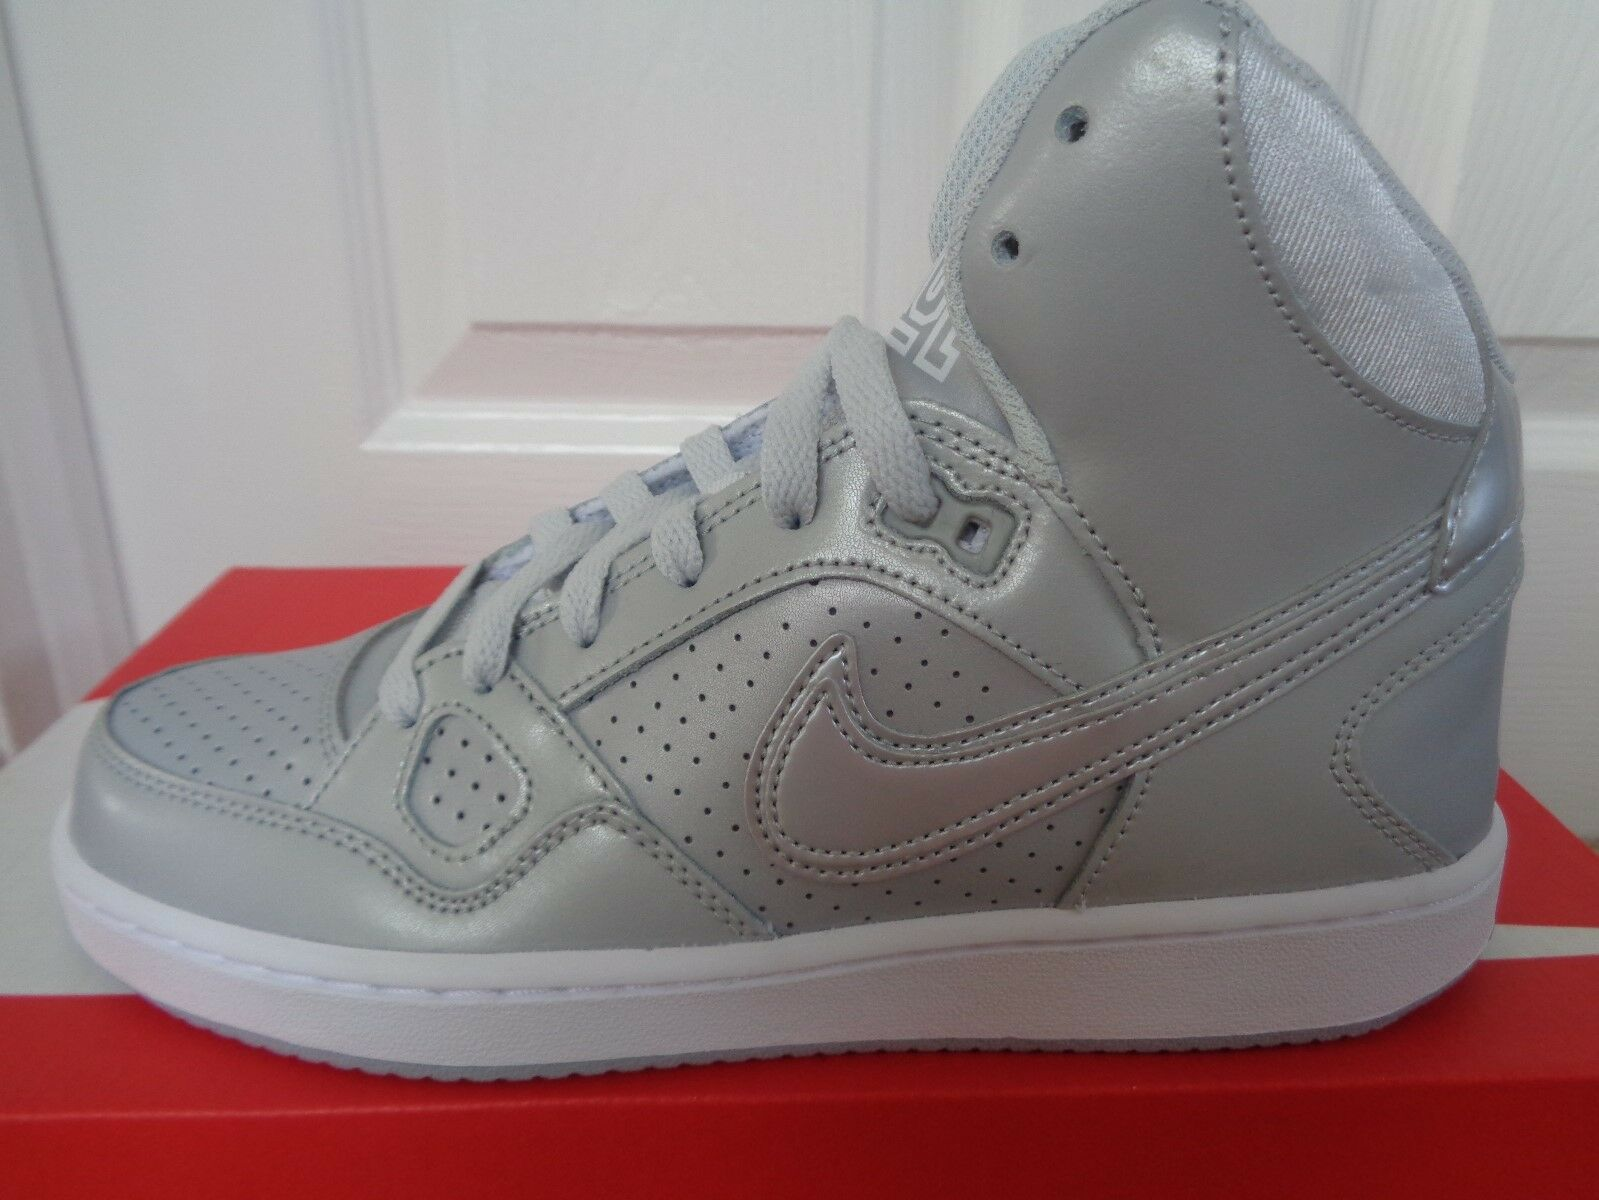 Nike Son of Force Medio Mujeres Zapatillas Zapatos 616303 019 nos 7.5 Nuevo + Caja